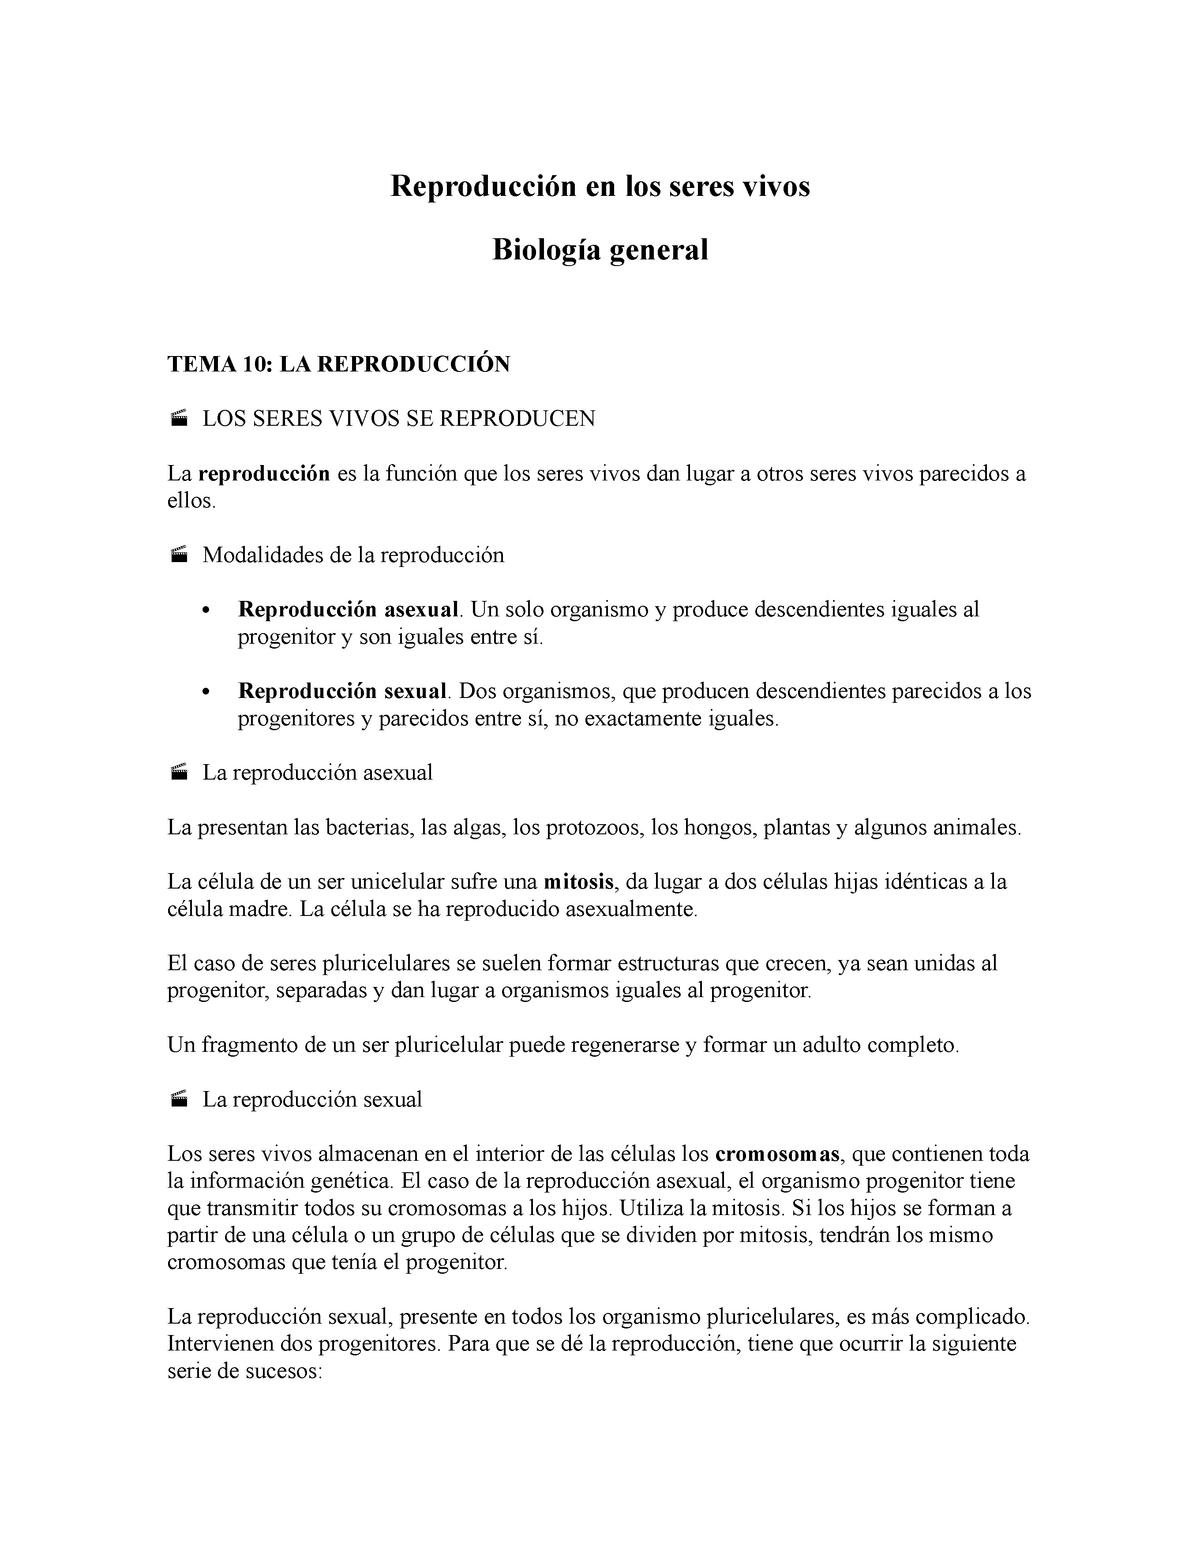 Reproducción De Seres Vivos Biología General Uabcs Studocu